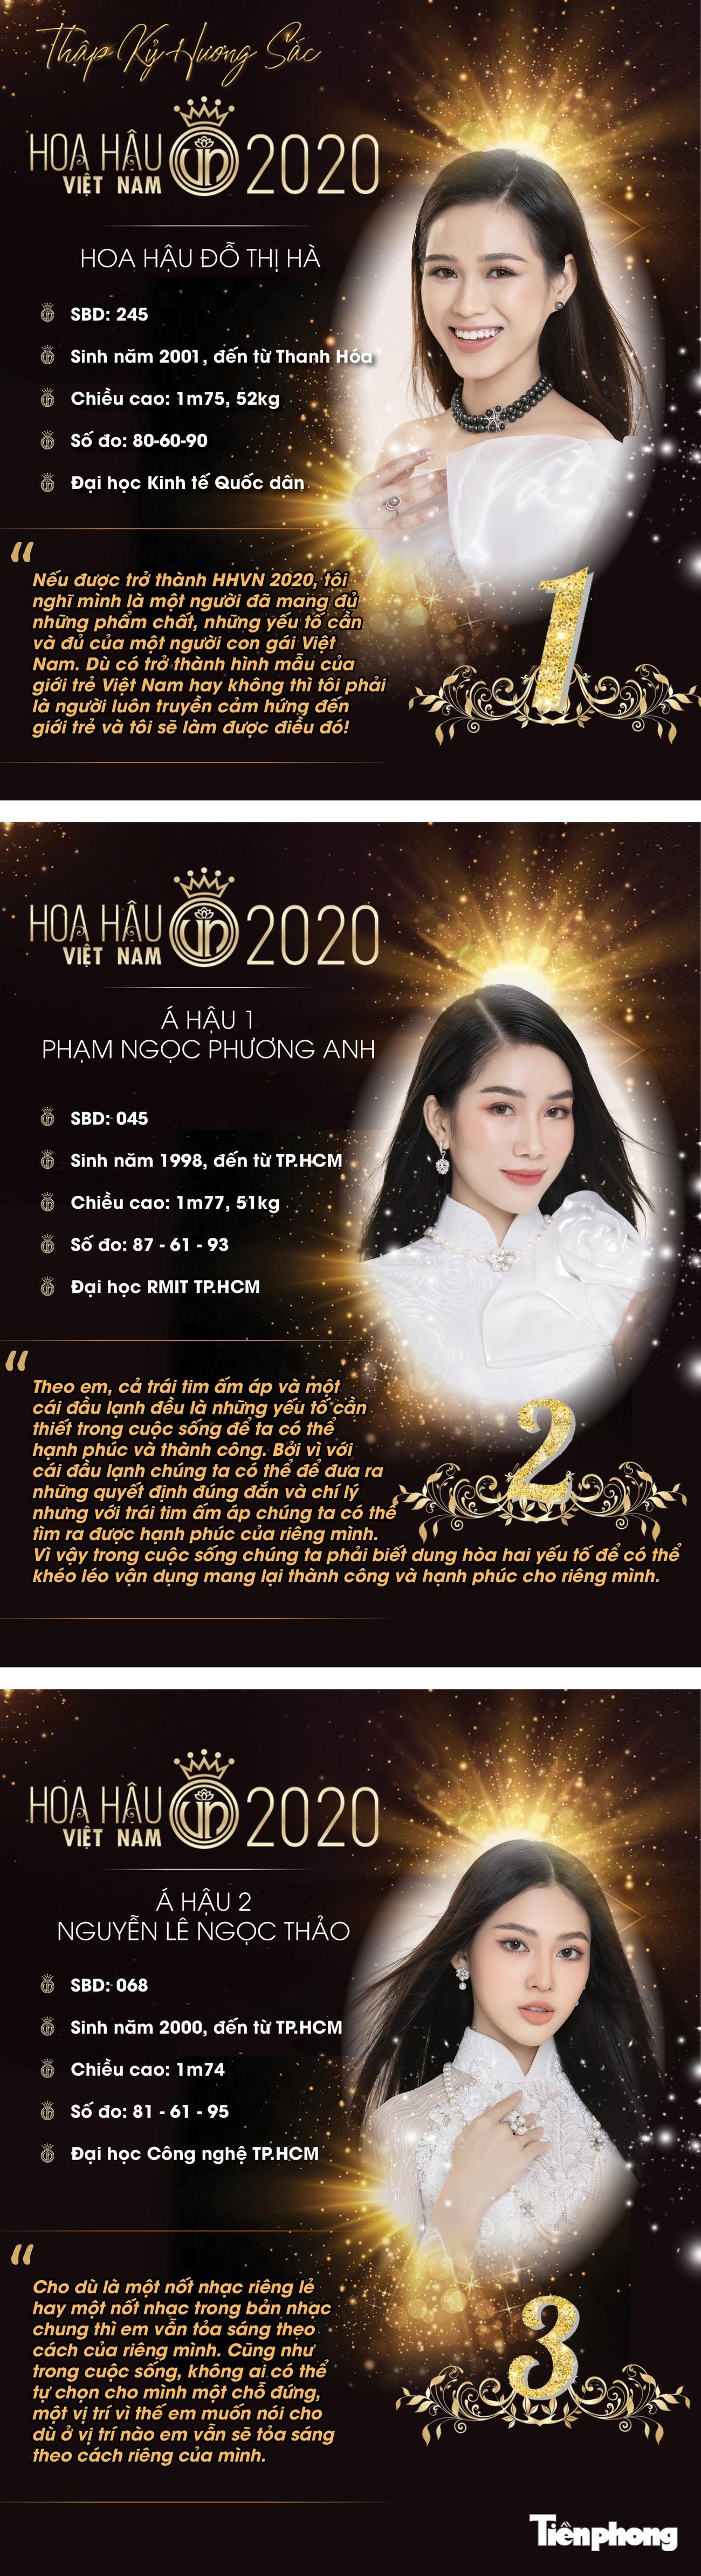 Chân dung Hoa hậu Việt Nam 2020 Đỗ Thị Hà và 2 á hậu ảnh 1